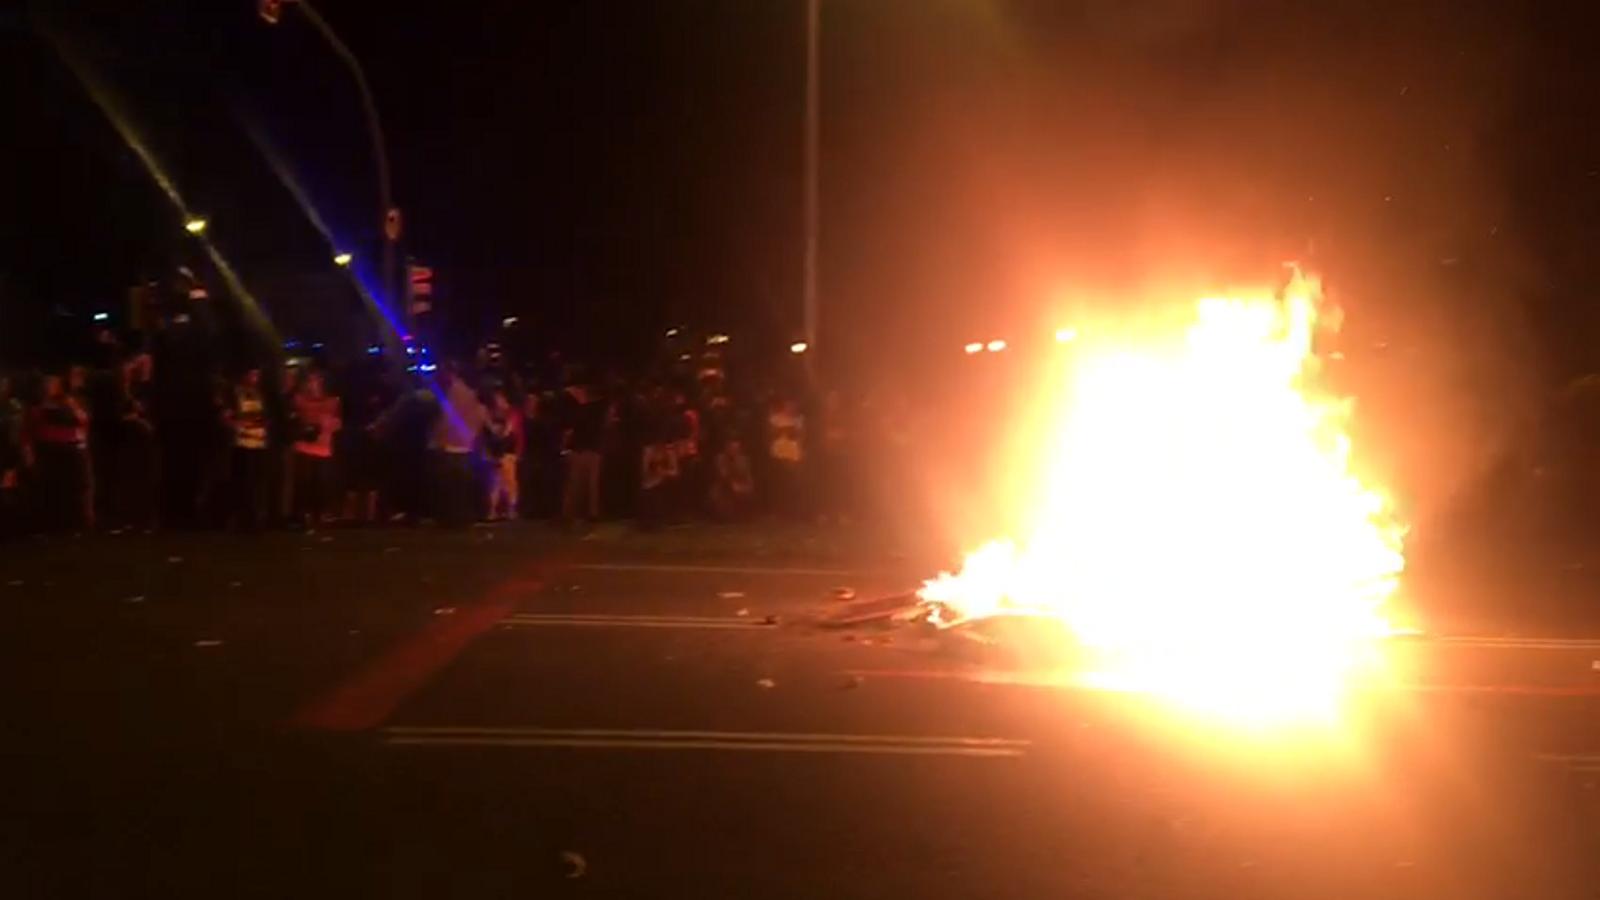 Els mossos demanen als manifestants que deixin de llençar objectes a la foguera que han encès